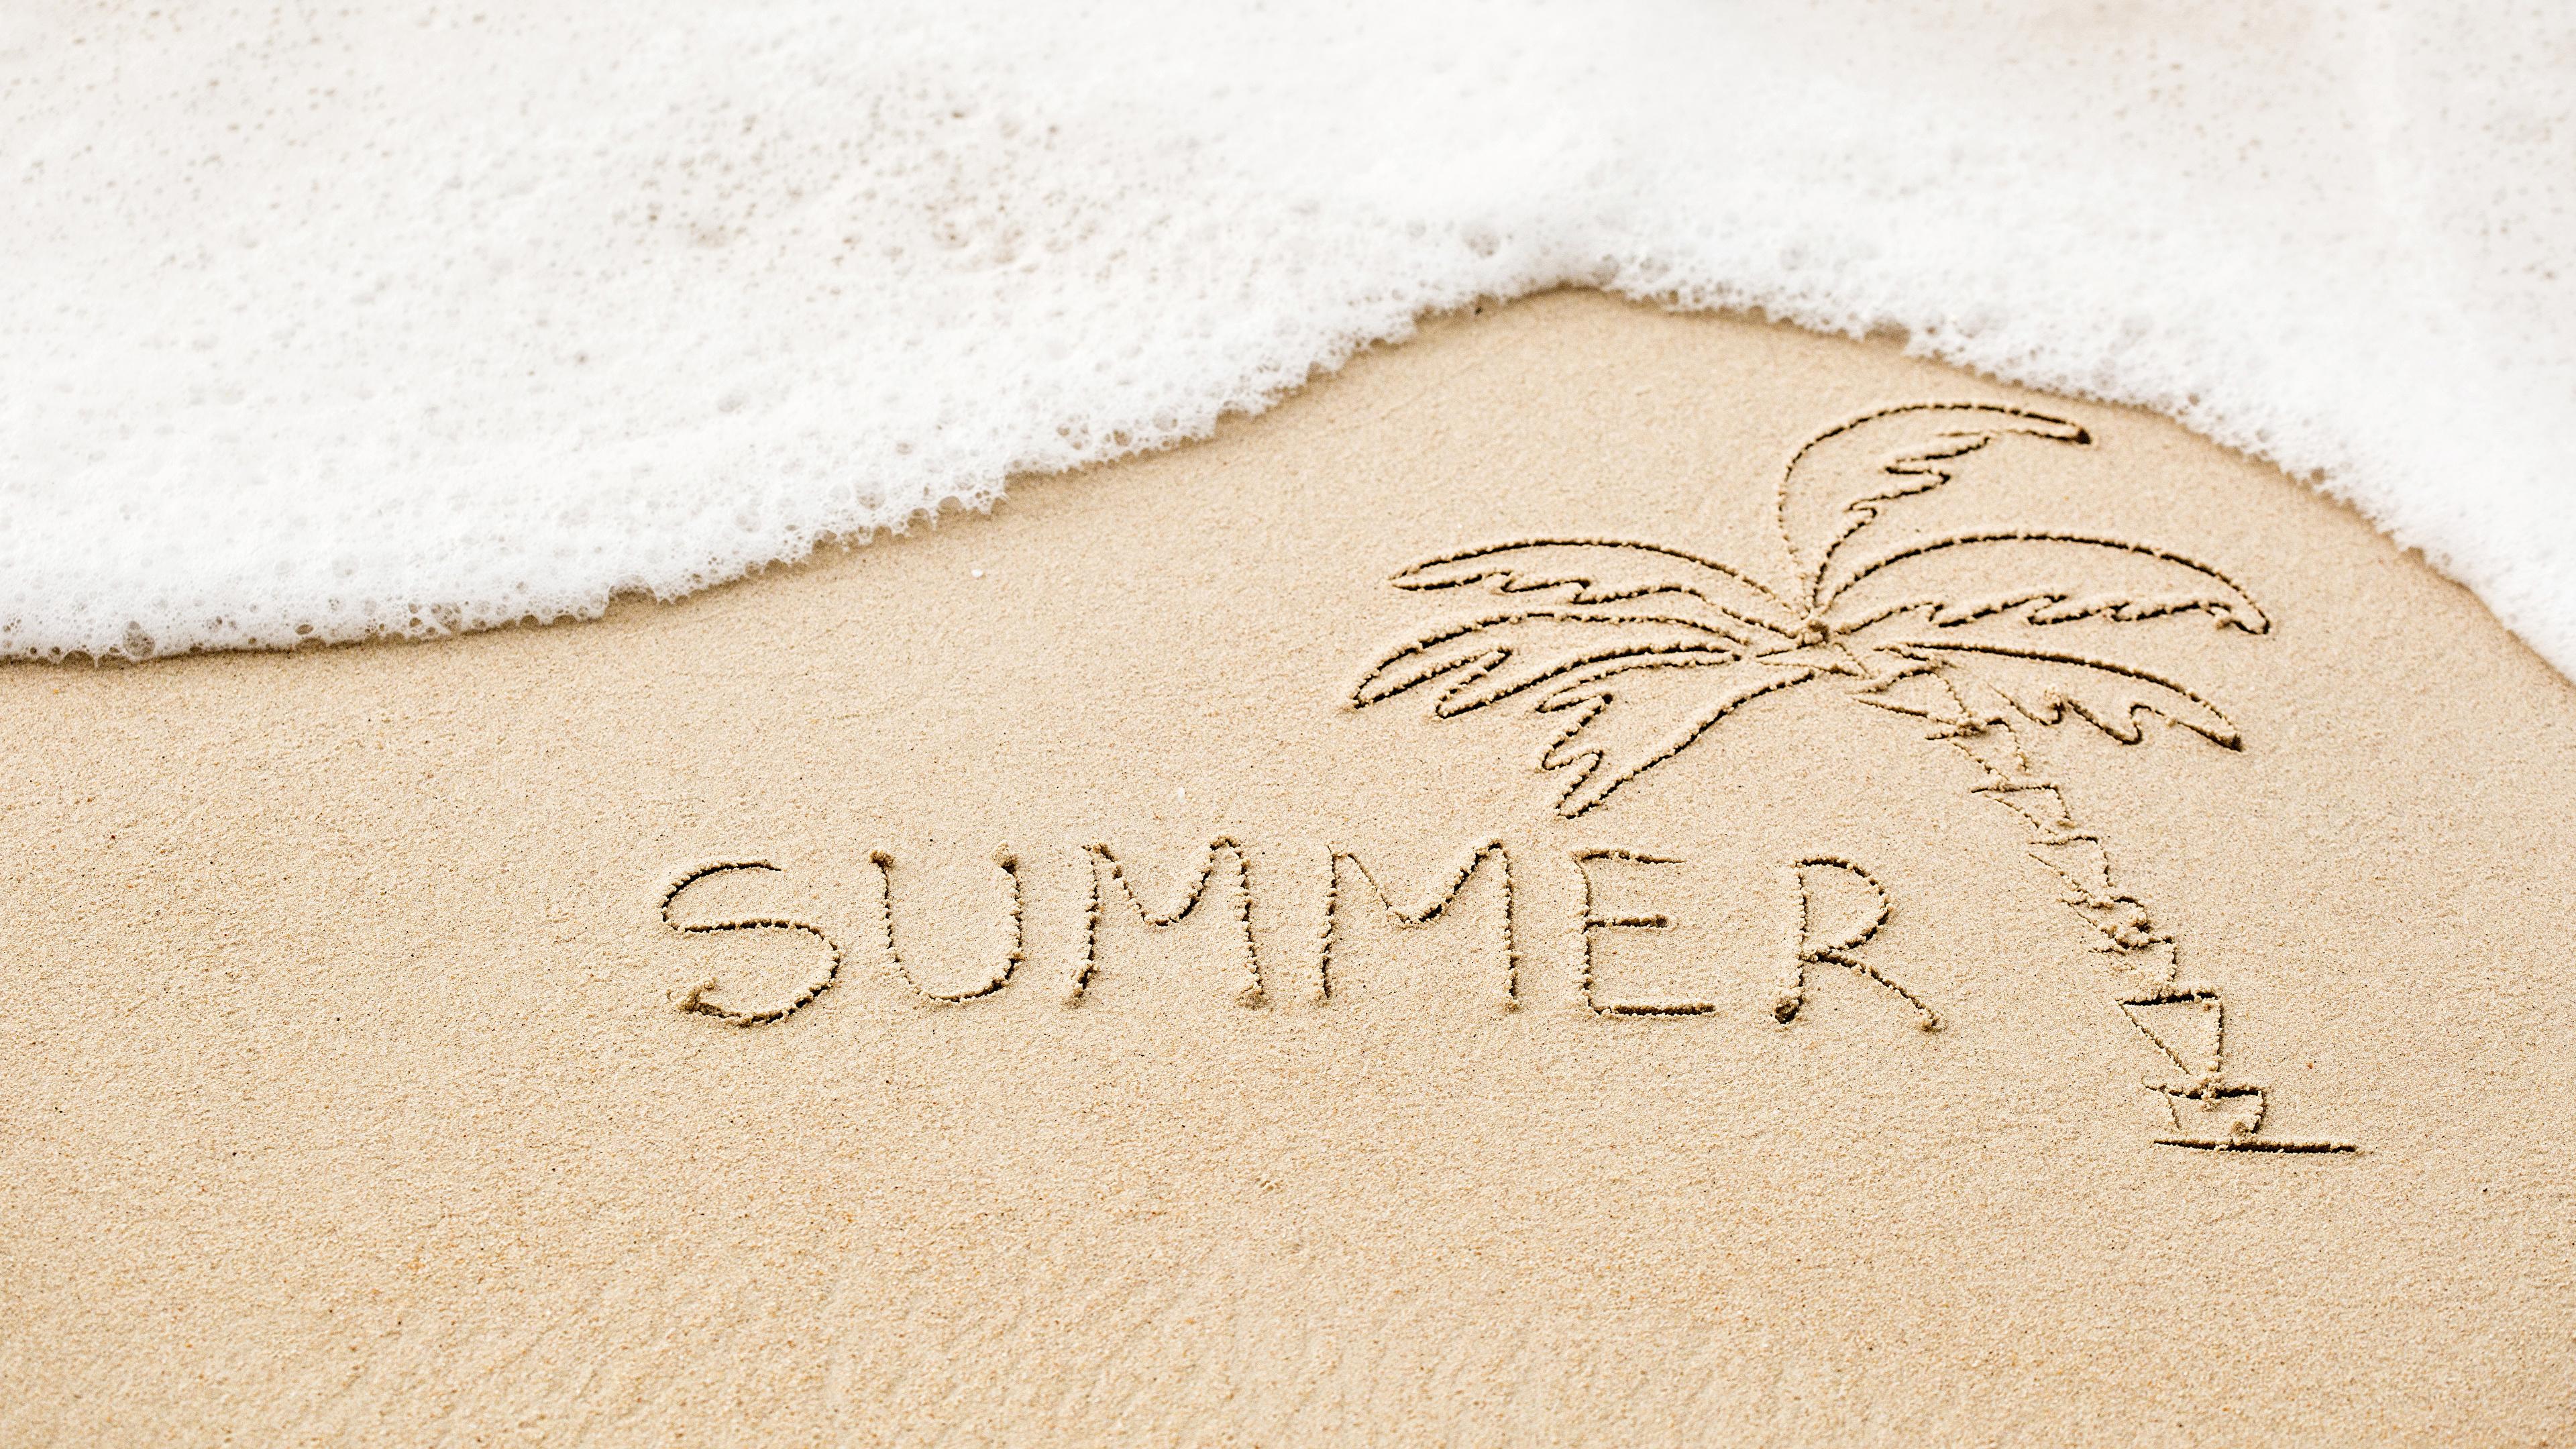 Надпись я тебя люблю на песке в хорошем качестве